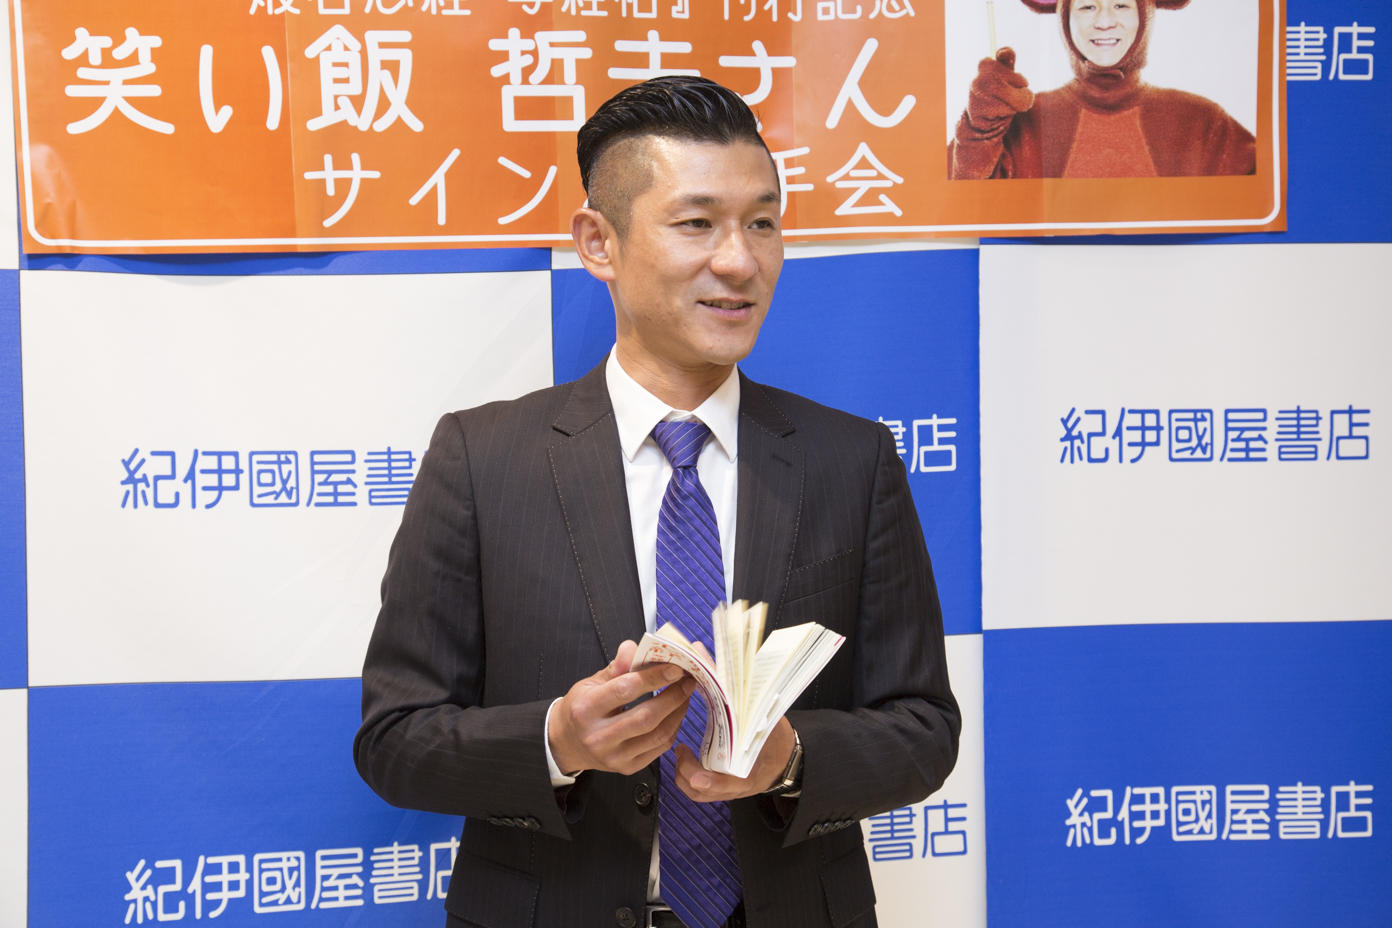 http://news.yoshimoto.co.jp/20170531222543-36dbac07723ed87d559658afc6fa65be38b03782.jpg